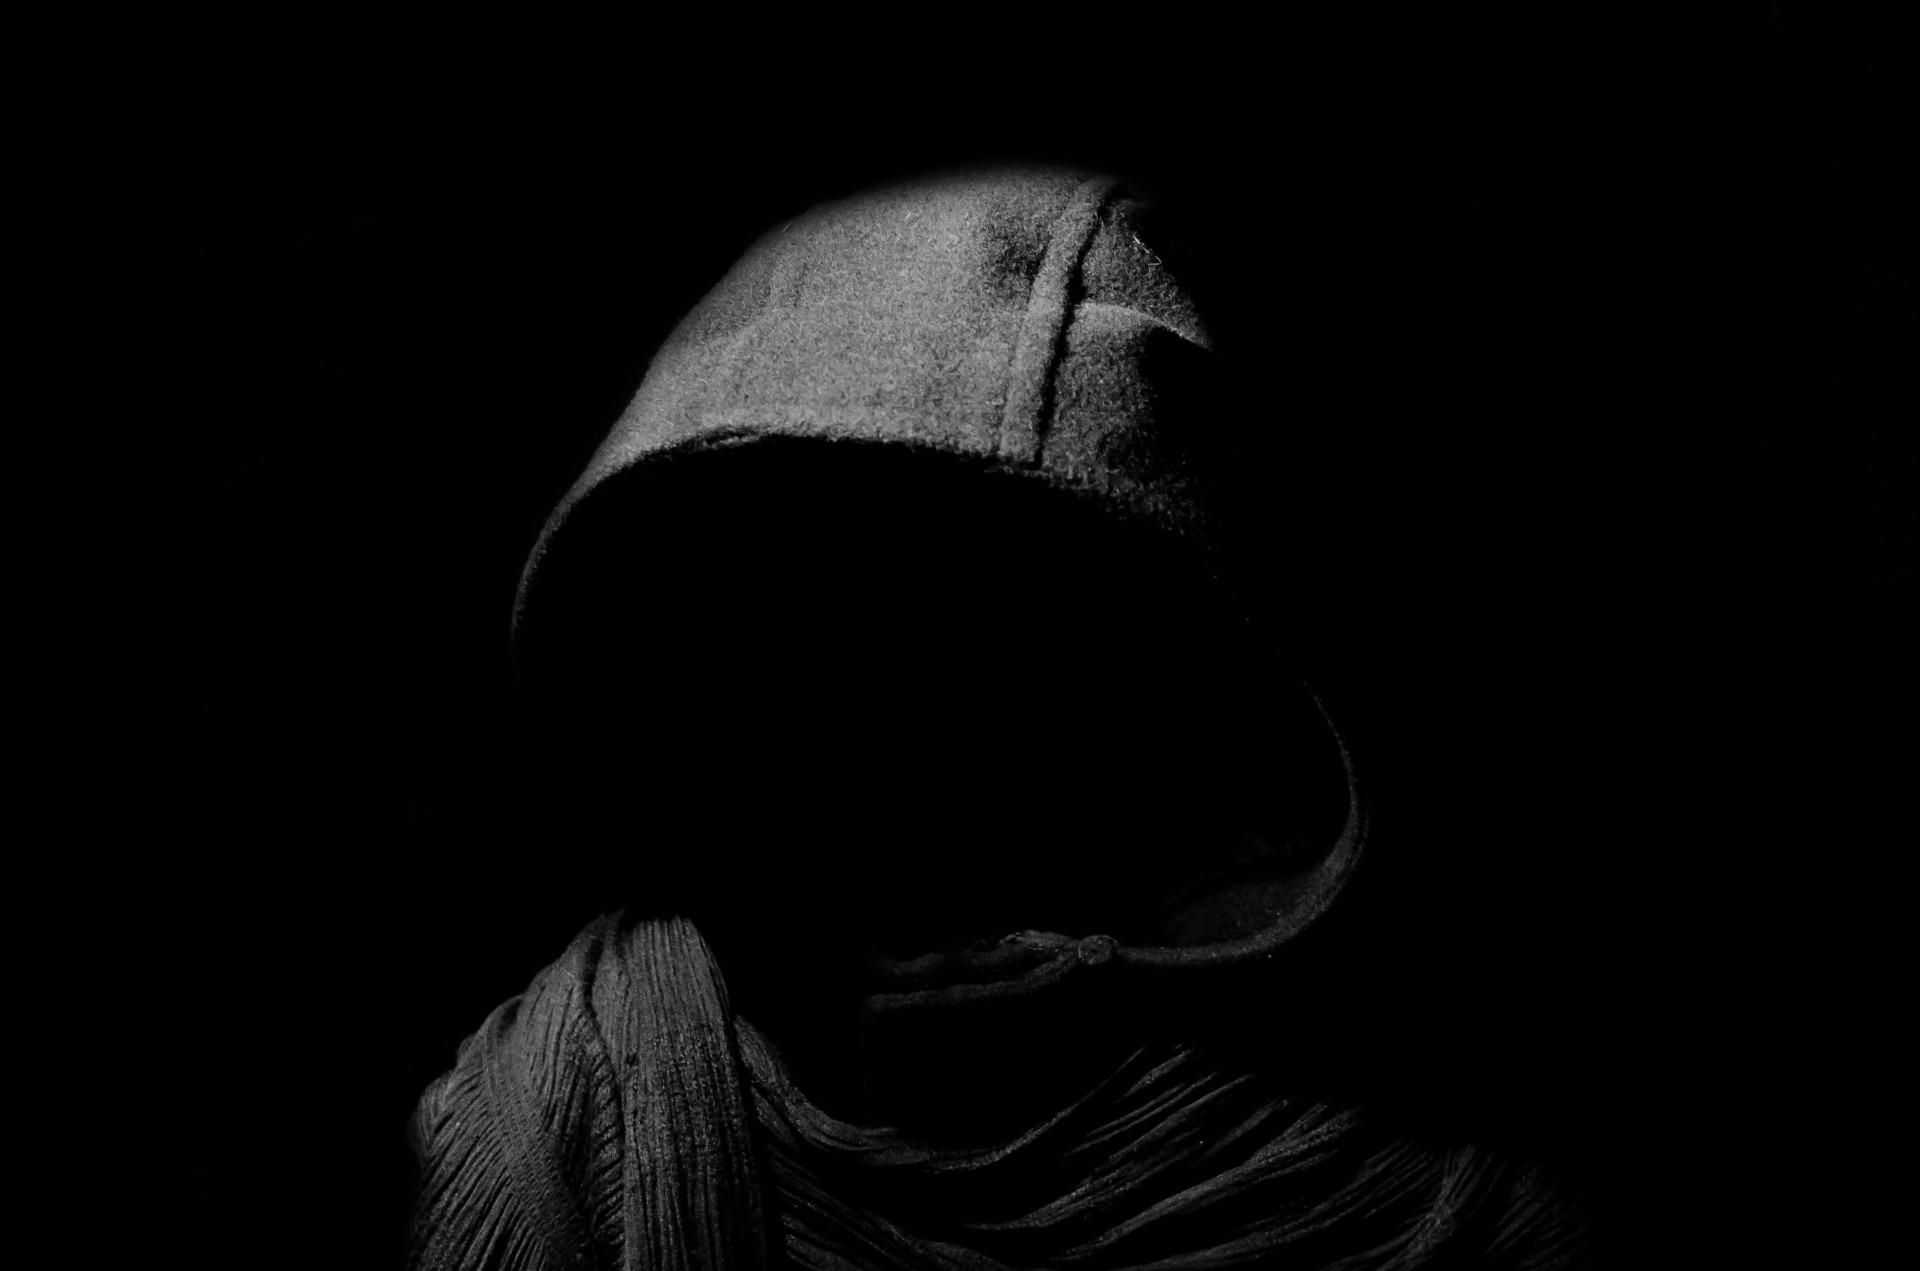 Cómo Enfrentar un Ataque Satánico [consejos prácticos]